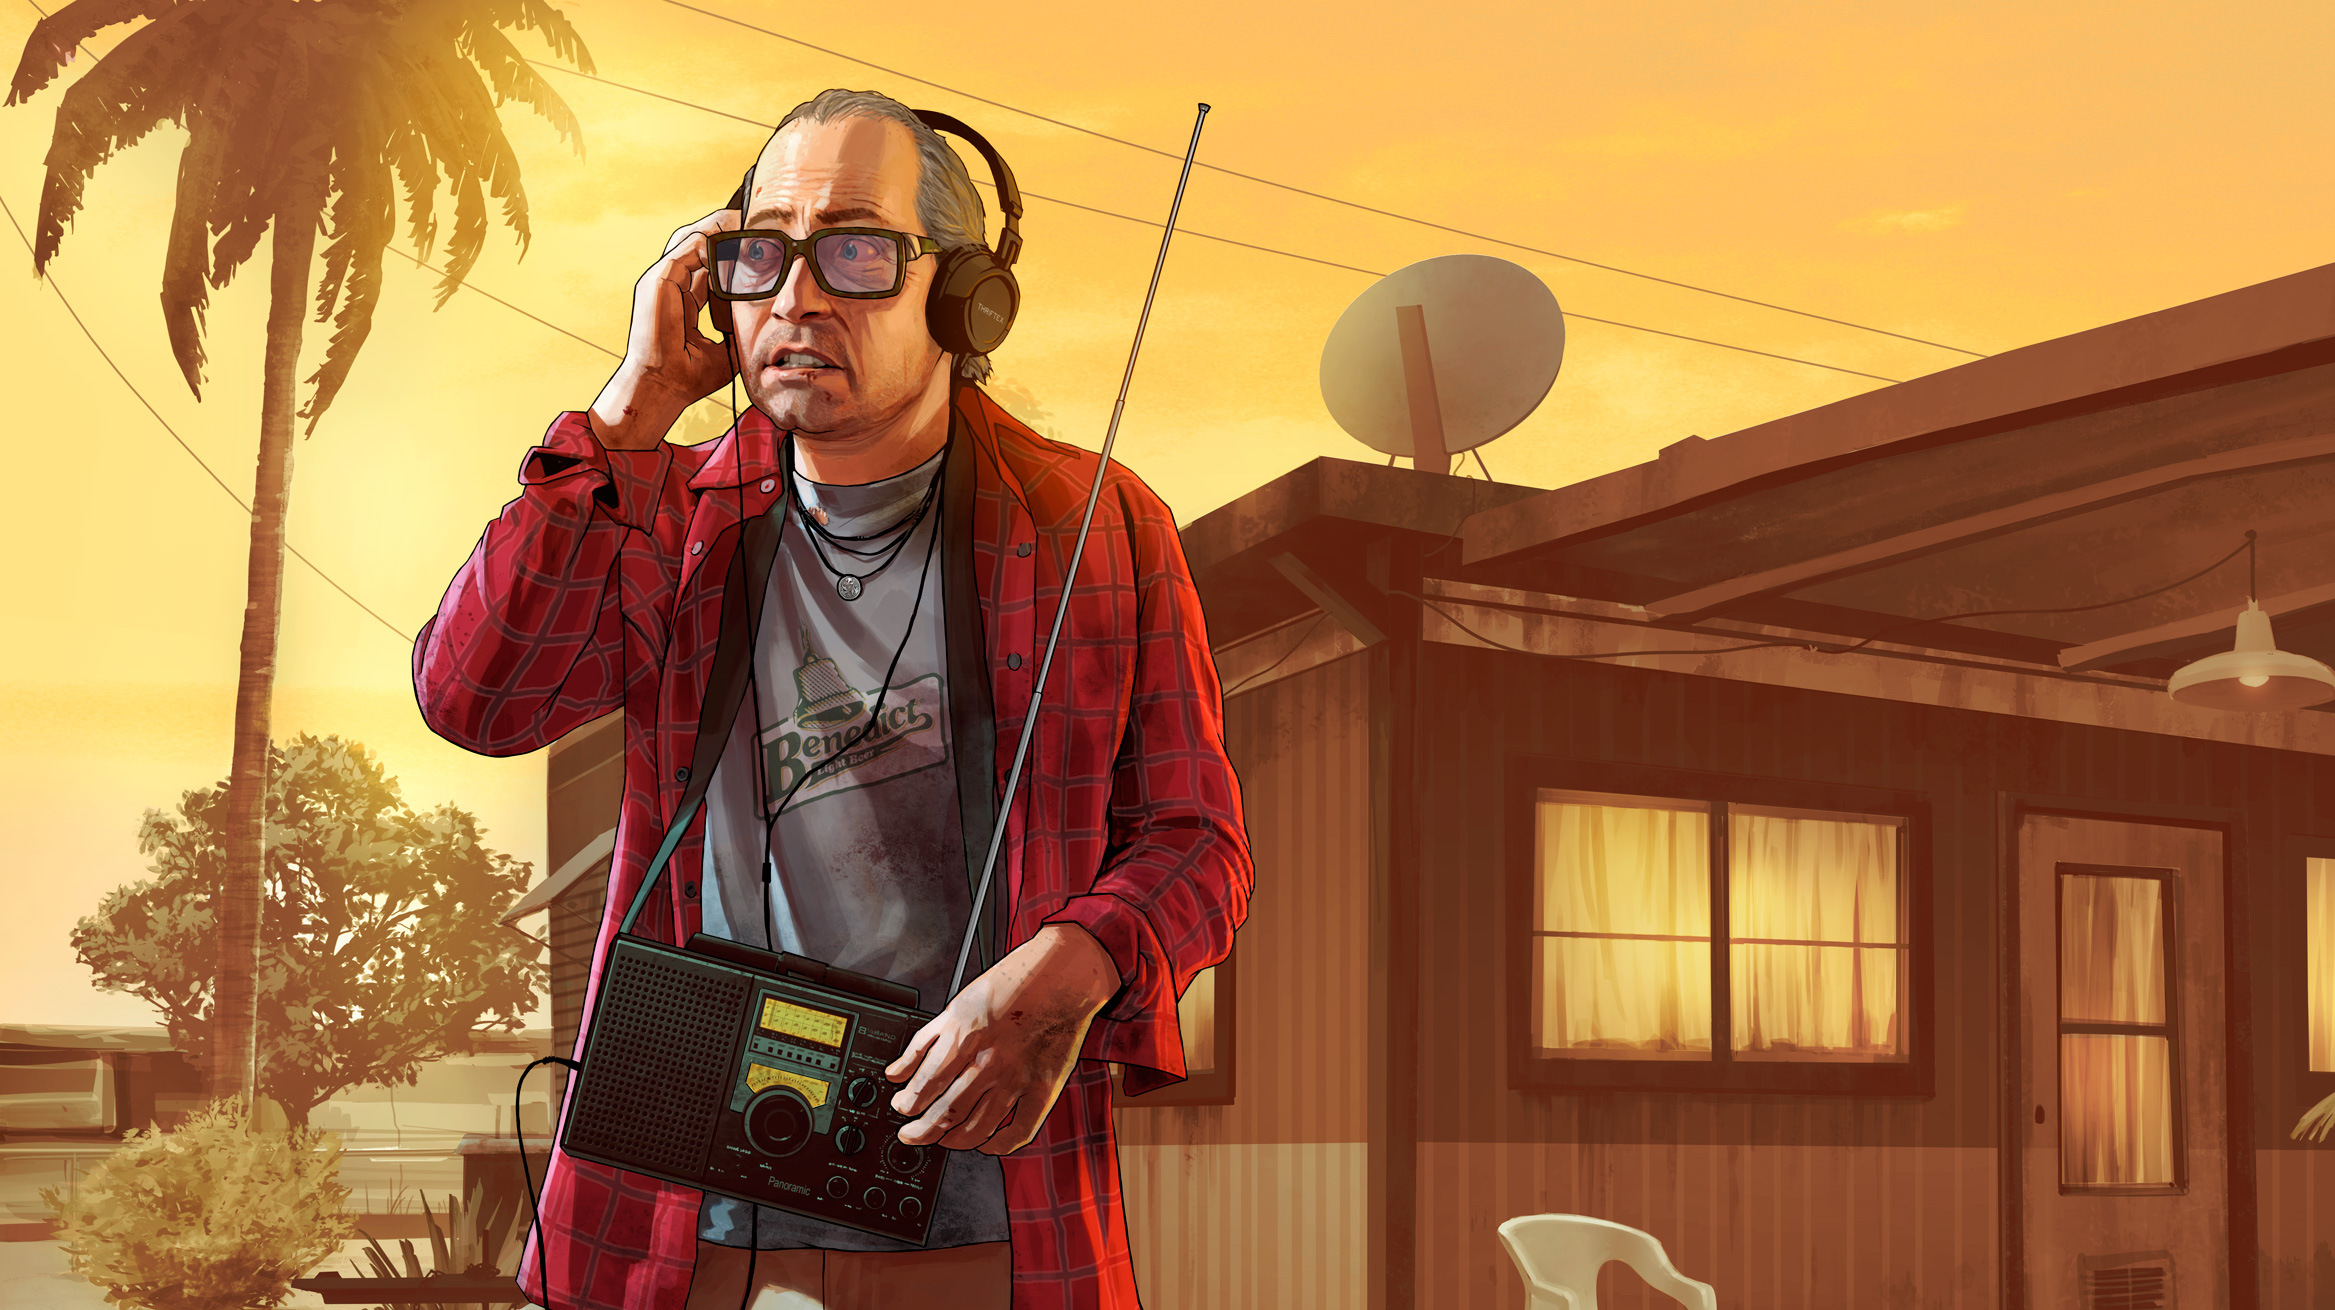 Grand Theft auto 5 V Análisis Review español (19)